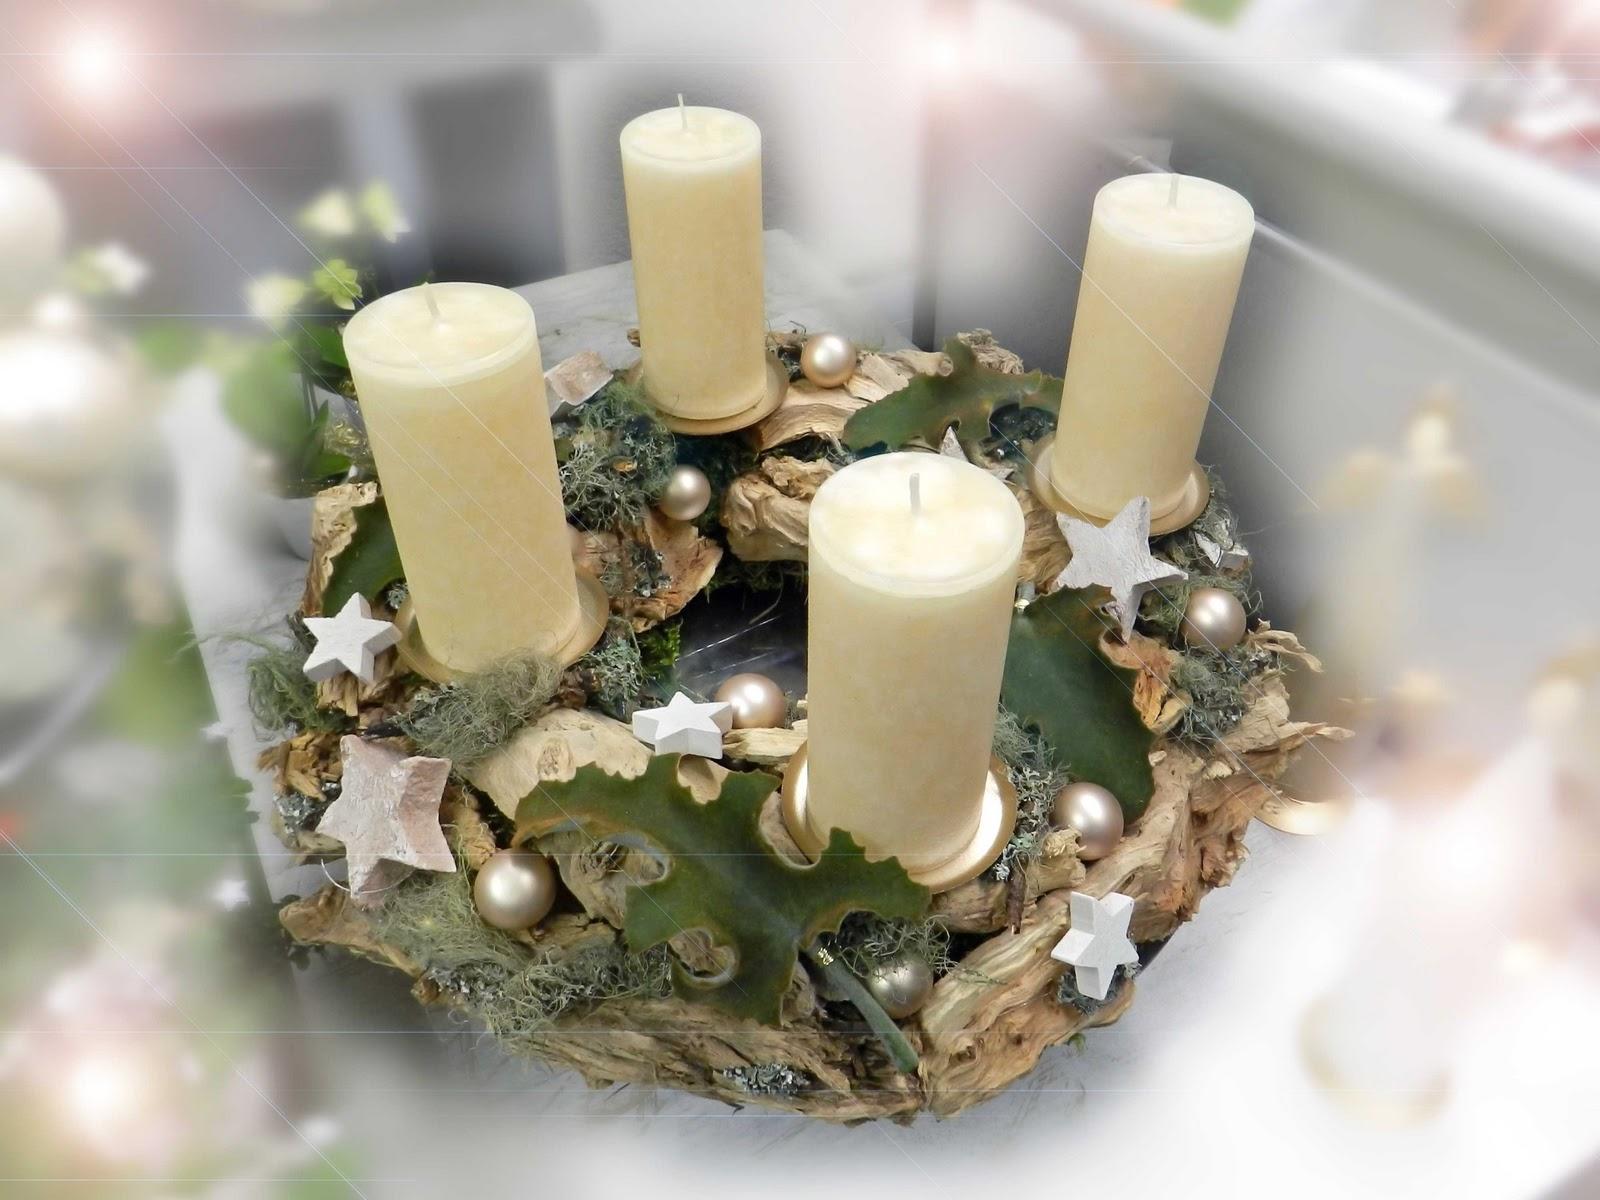 quadriga flora blumen geplauder die geschichte des adventskranz. Black Bedroom Furniture Sets. Home Design Ideas